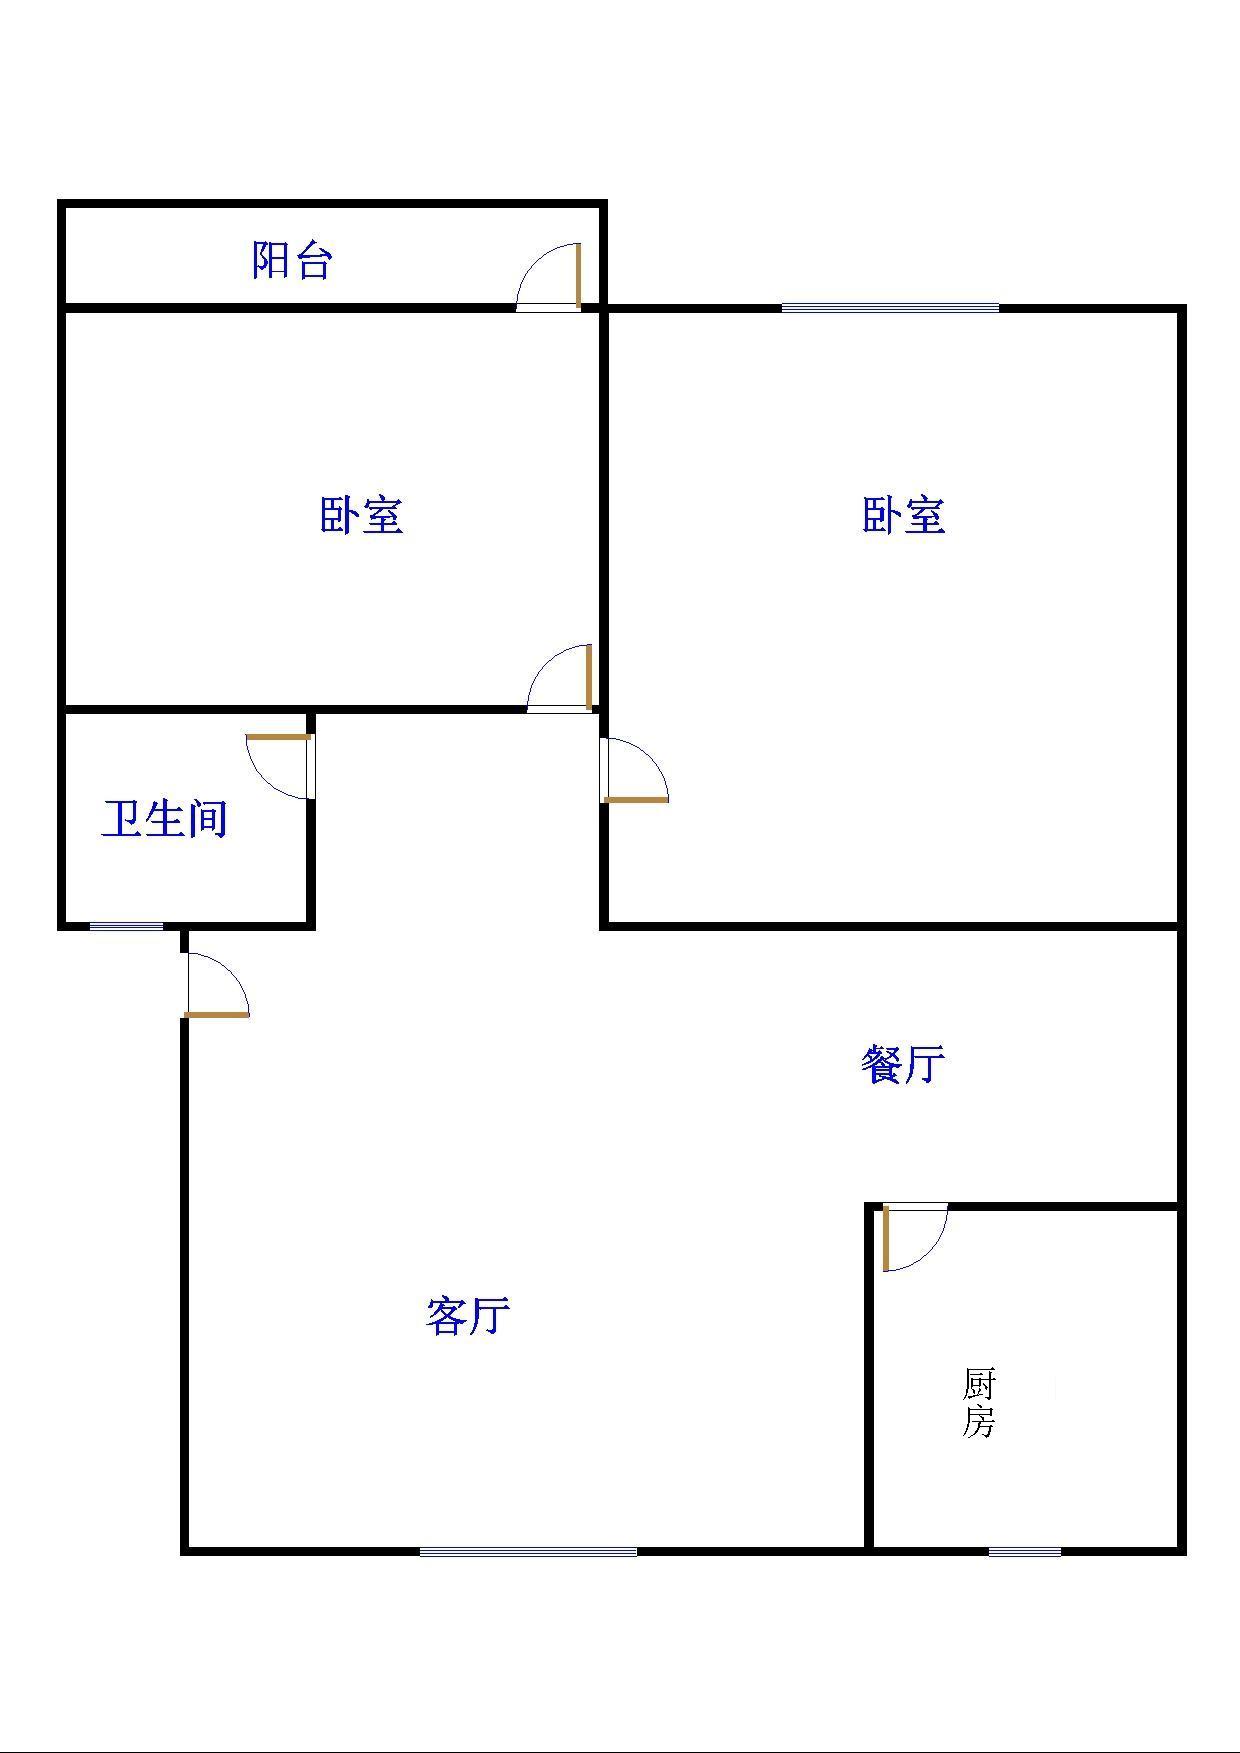 金卉小区 2室2厅 双证齐全过五年 精装 63万